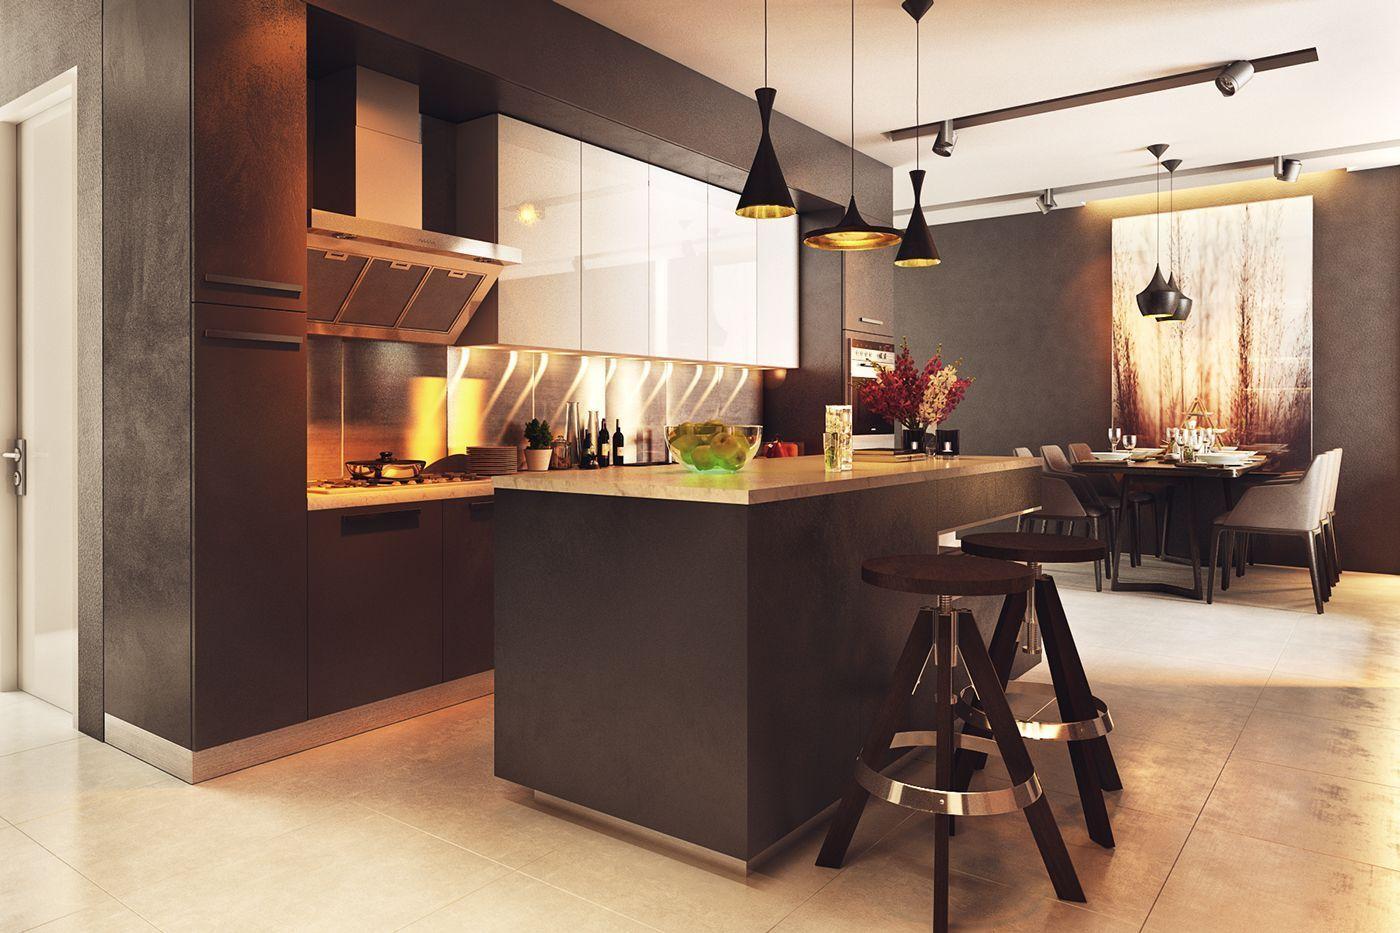 Küche interieur farbschemata lemon kitchen decor fruit trees pink kitchen decor stand mixers